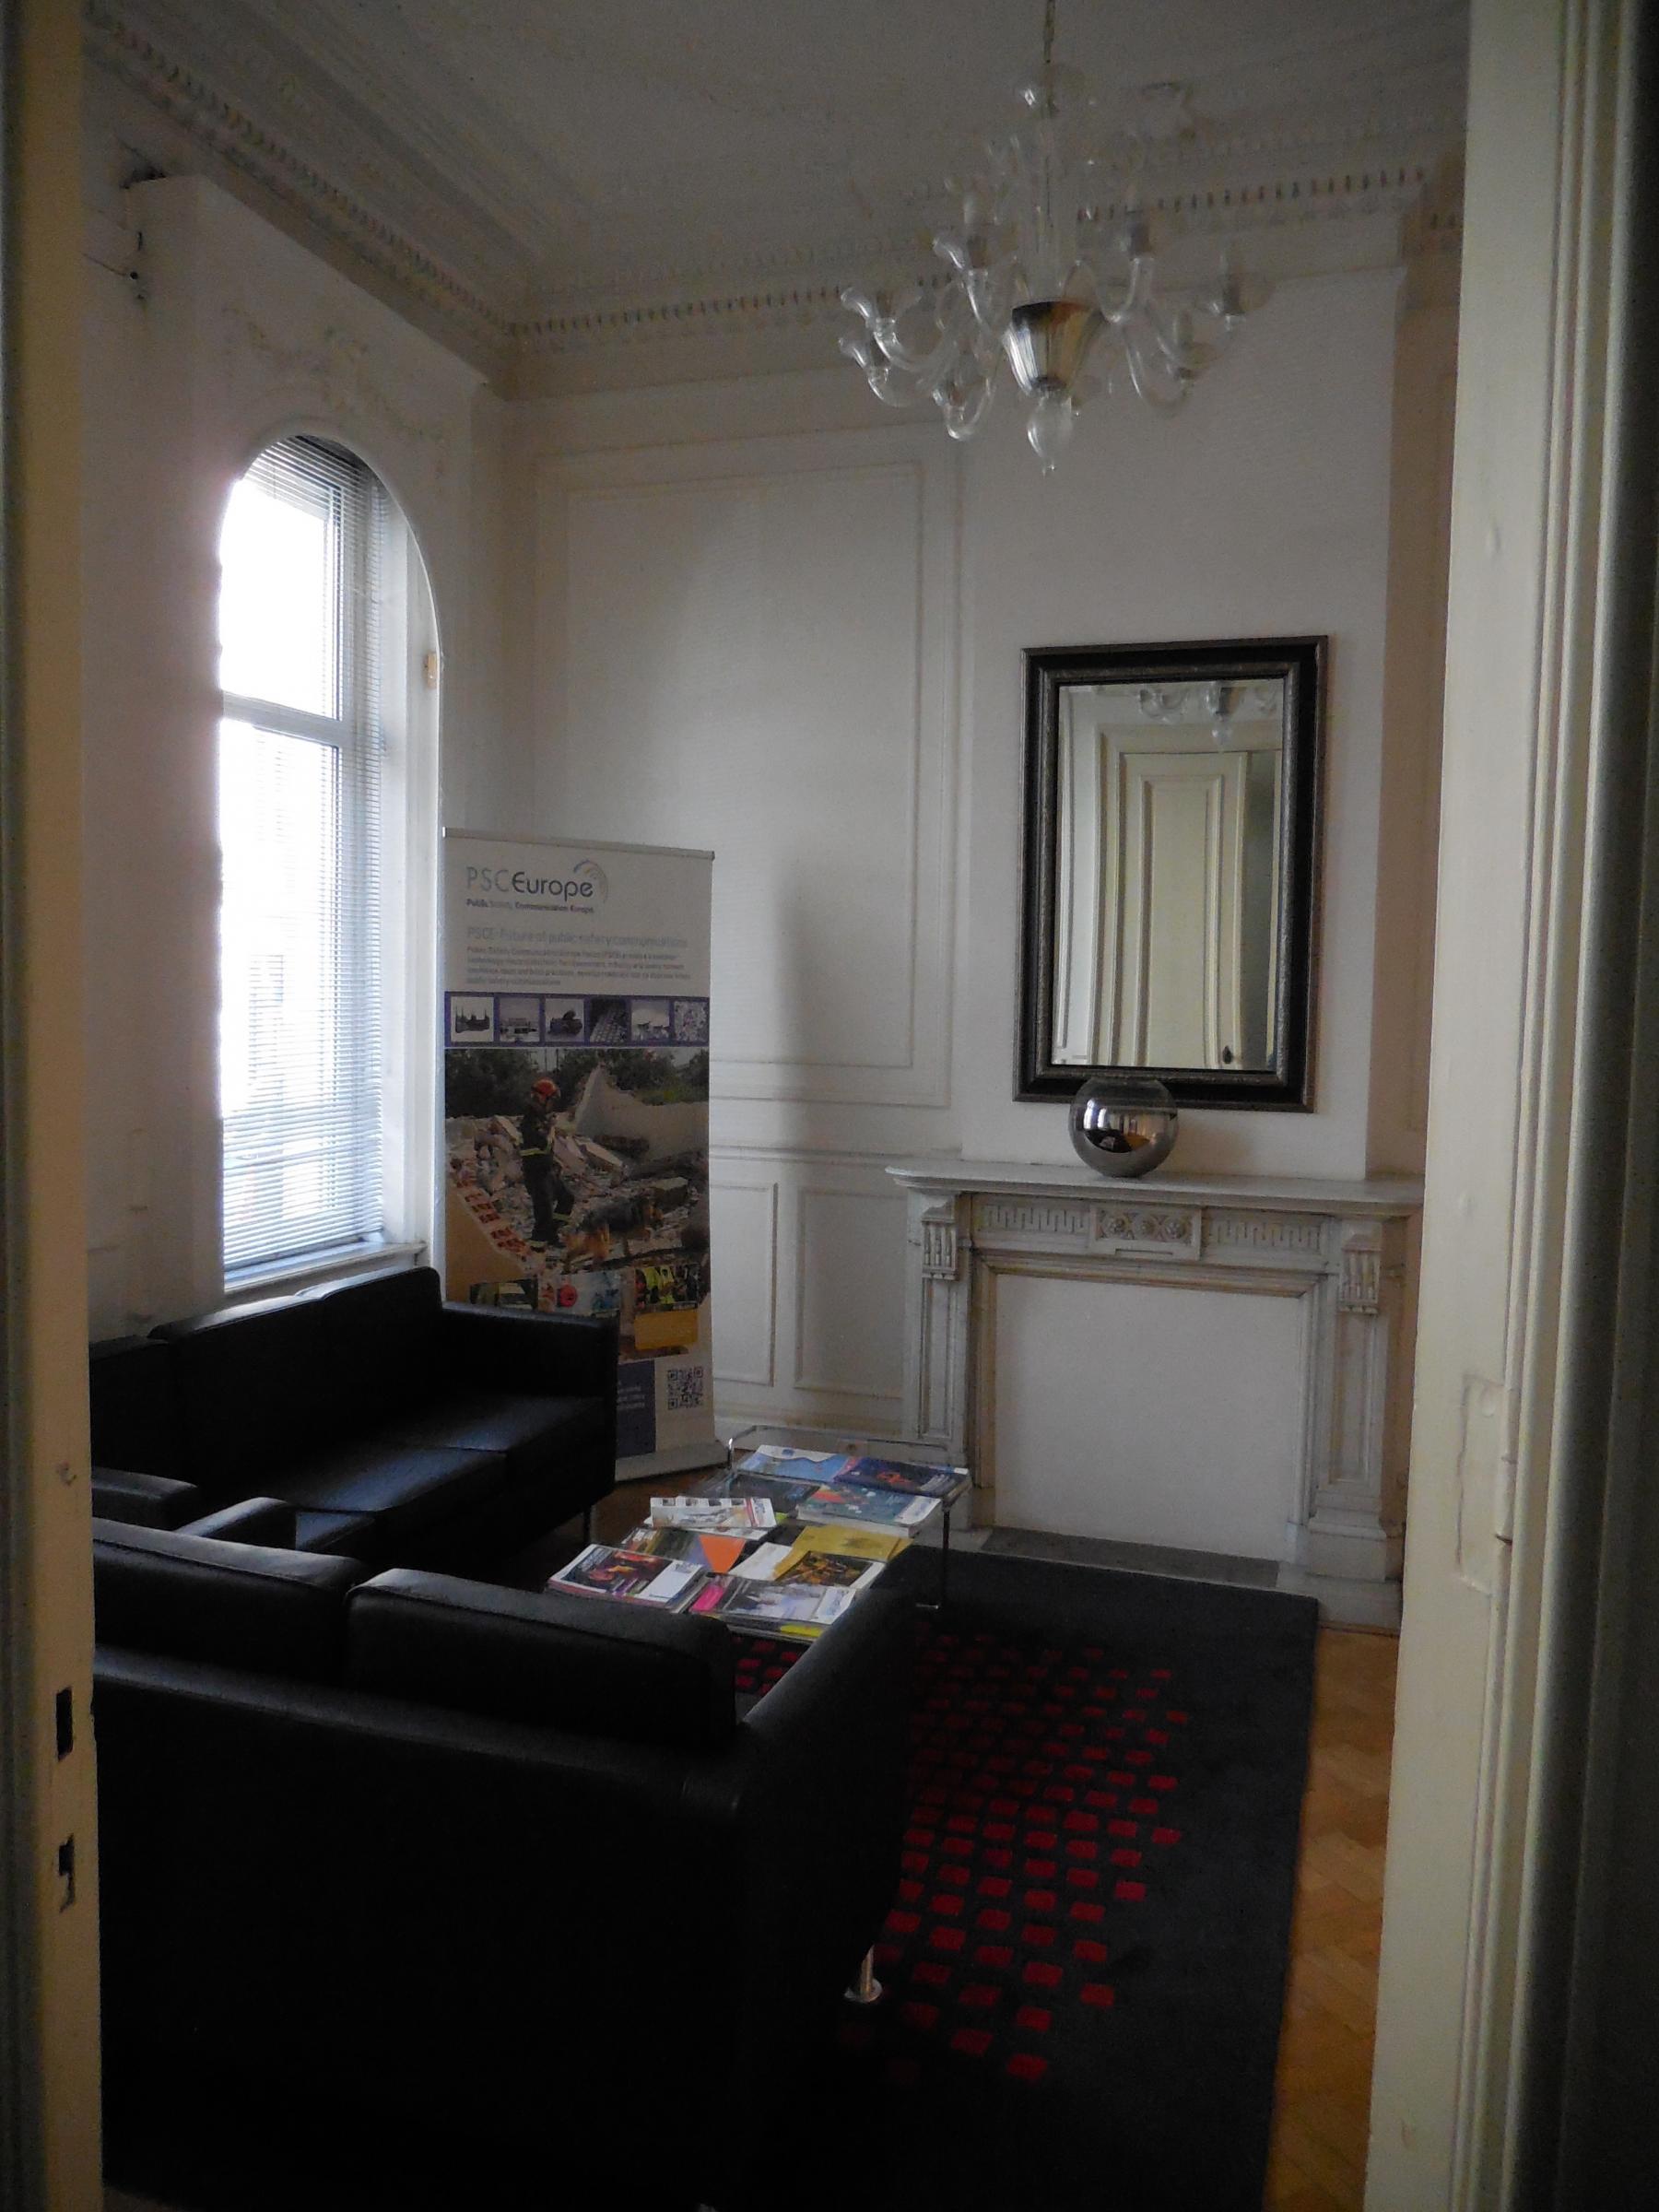 Rent office space Rue des Deux Eglises 37-39 37-39, Brussel (8)